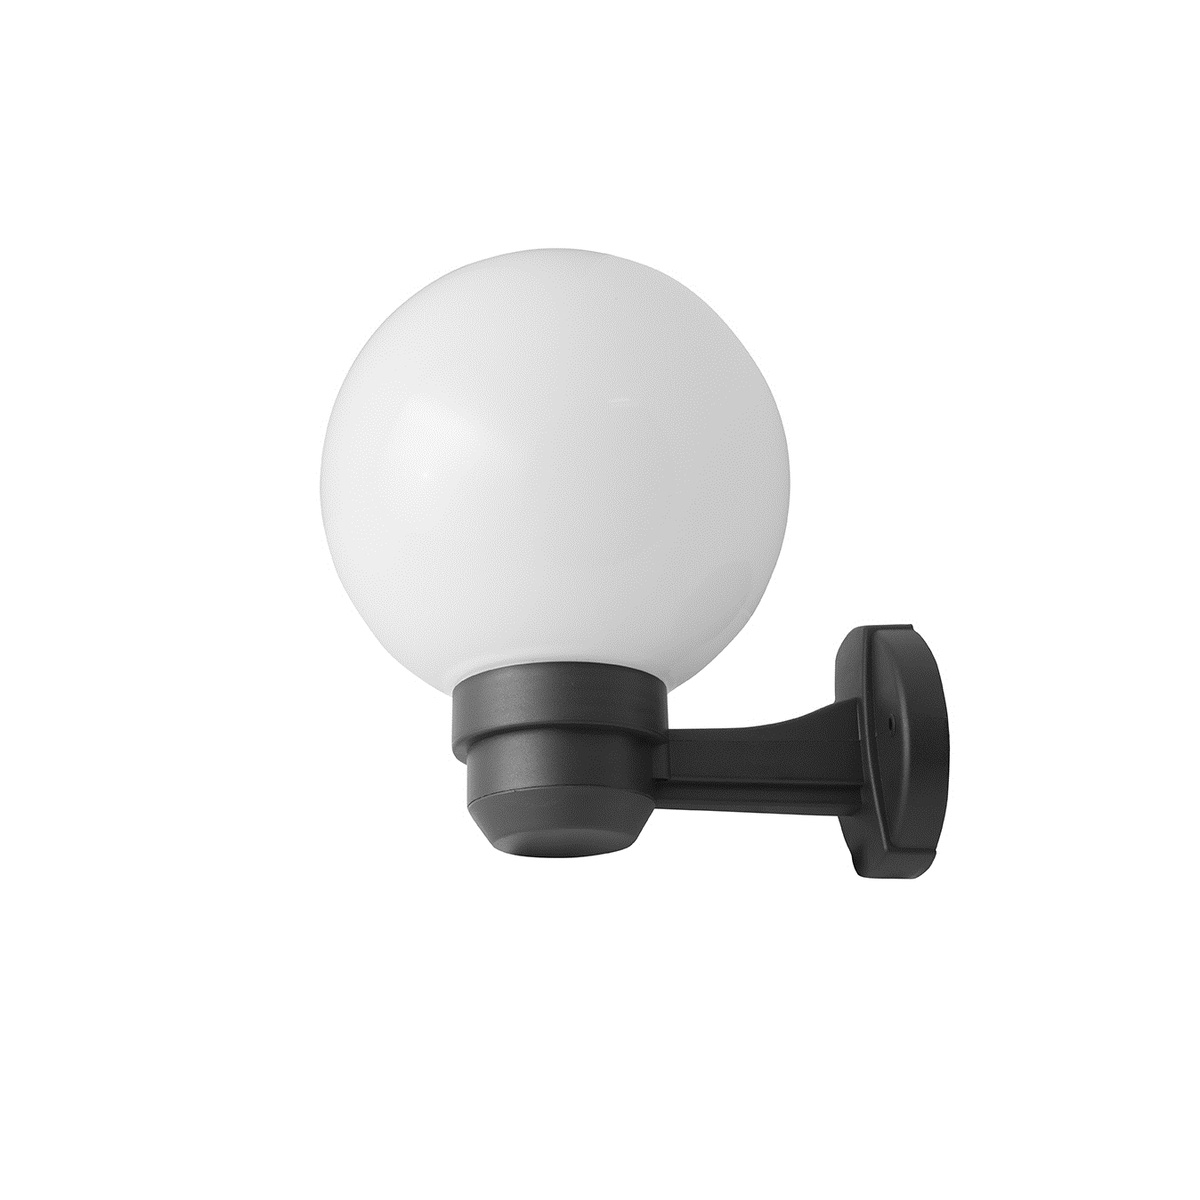 PARK S záhradné nástenné svetlo so senzorom prizmatická dymová, Panlux